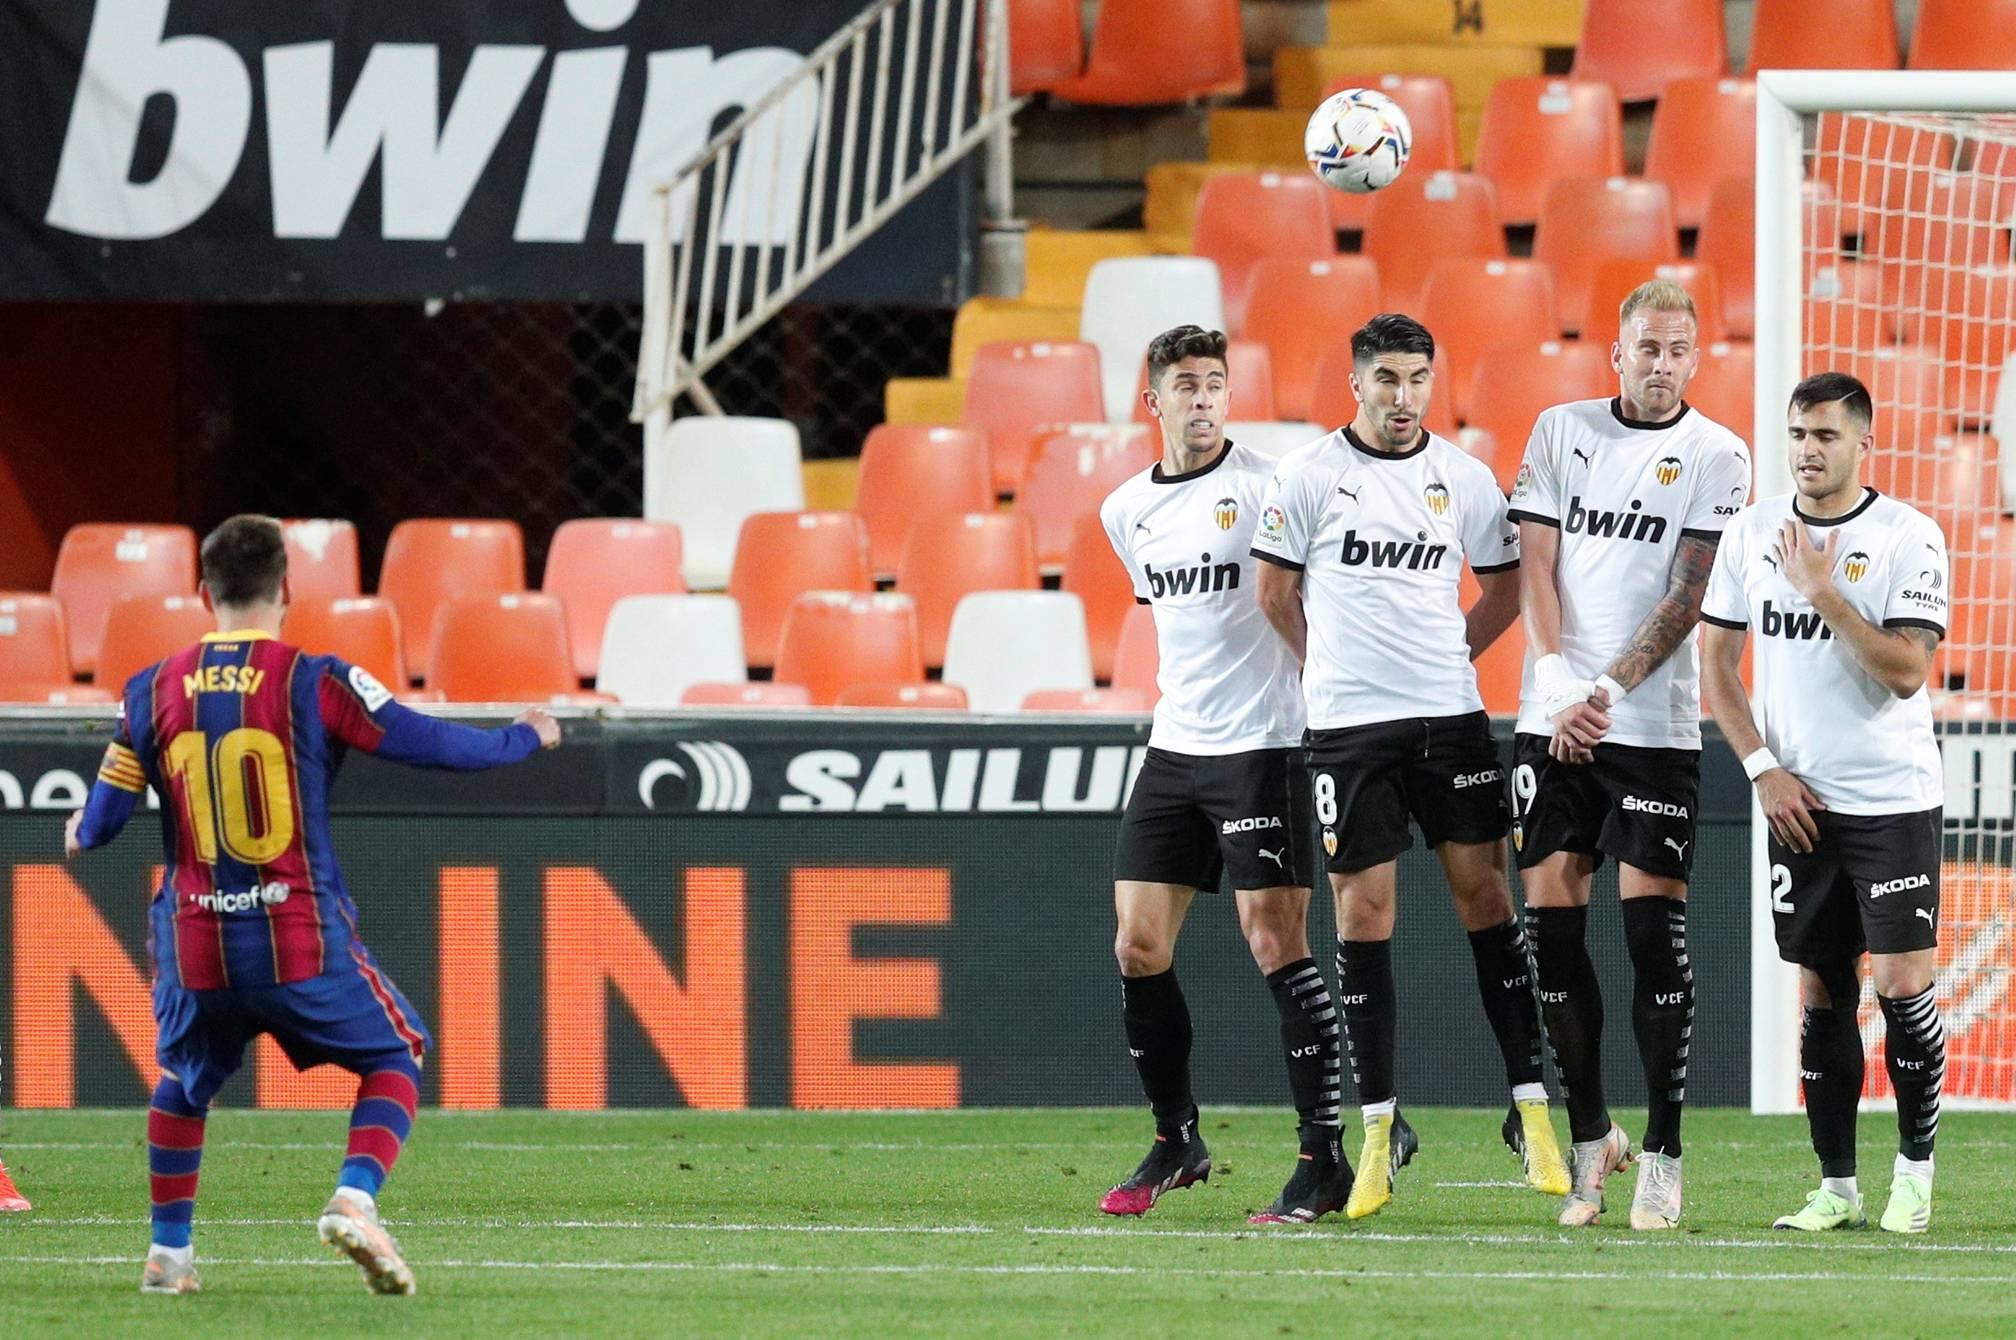 Leo Messi mantiene al Barcelona con vida. Derrotaron al Valencia en Mestalla y siguen en la lucha por el cetro.